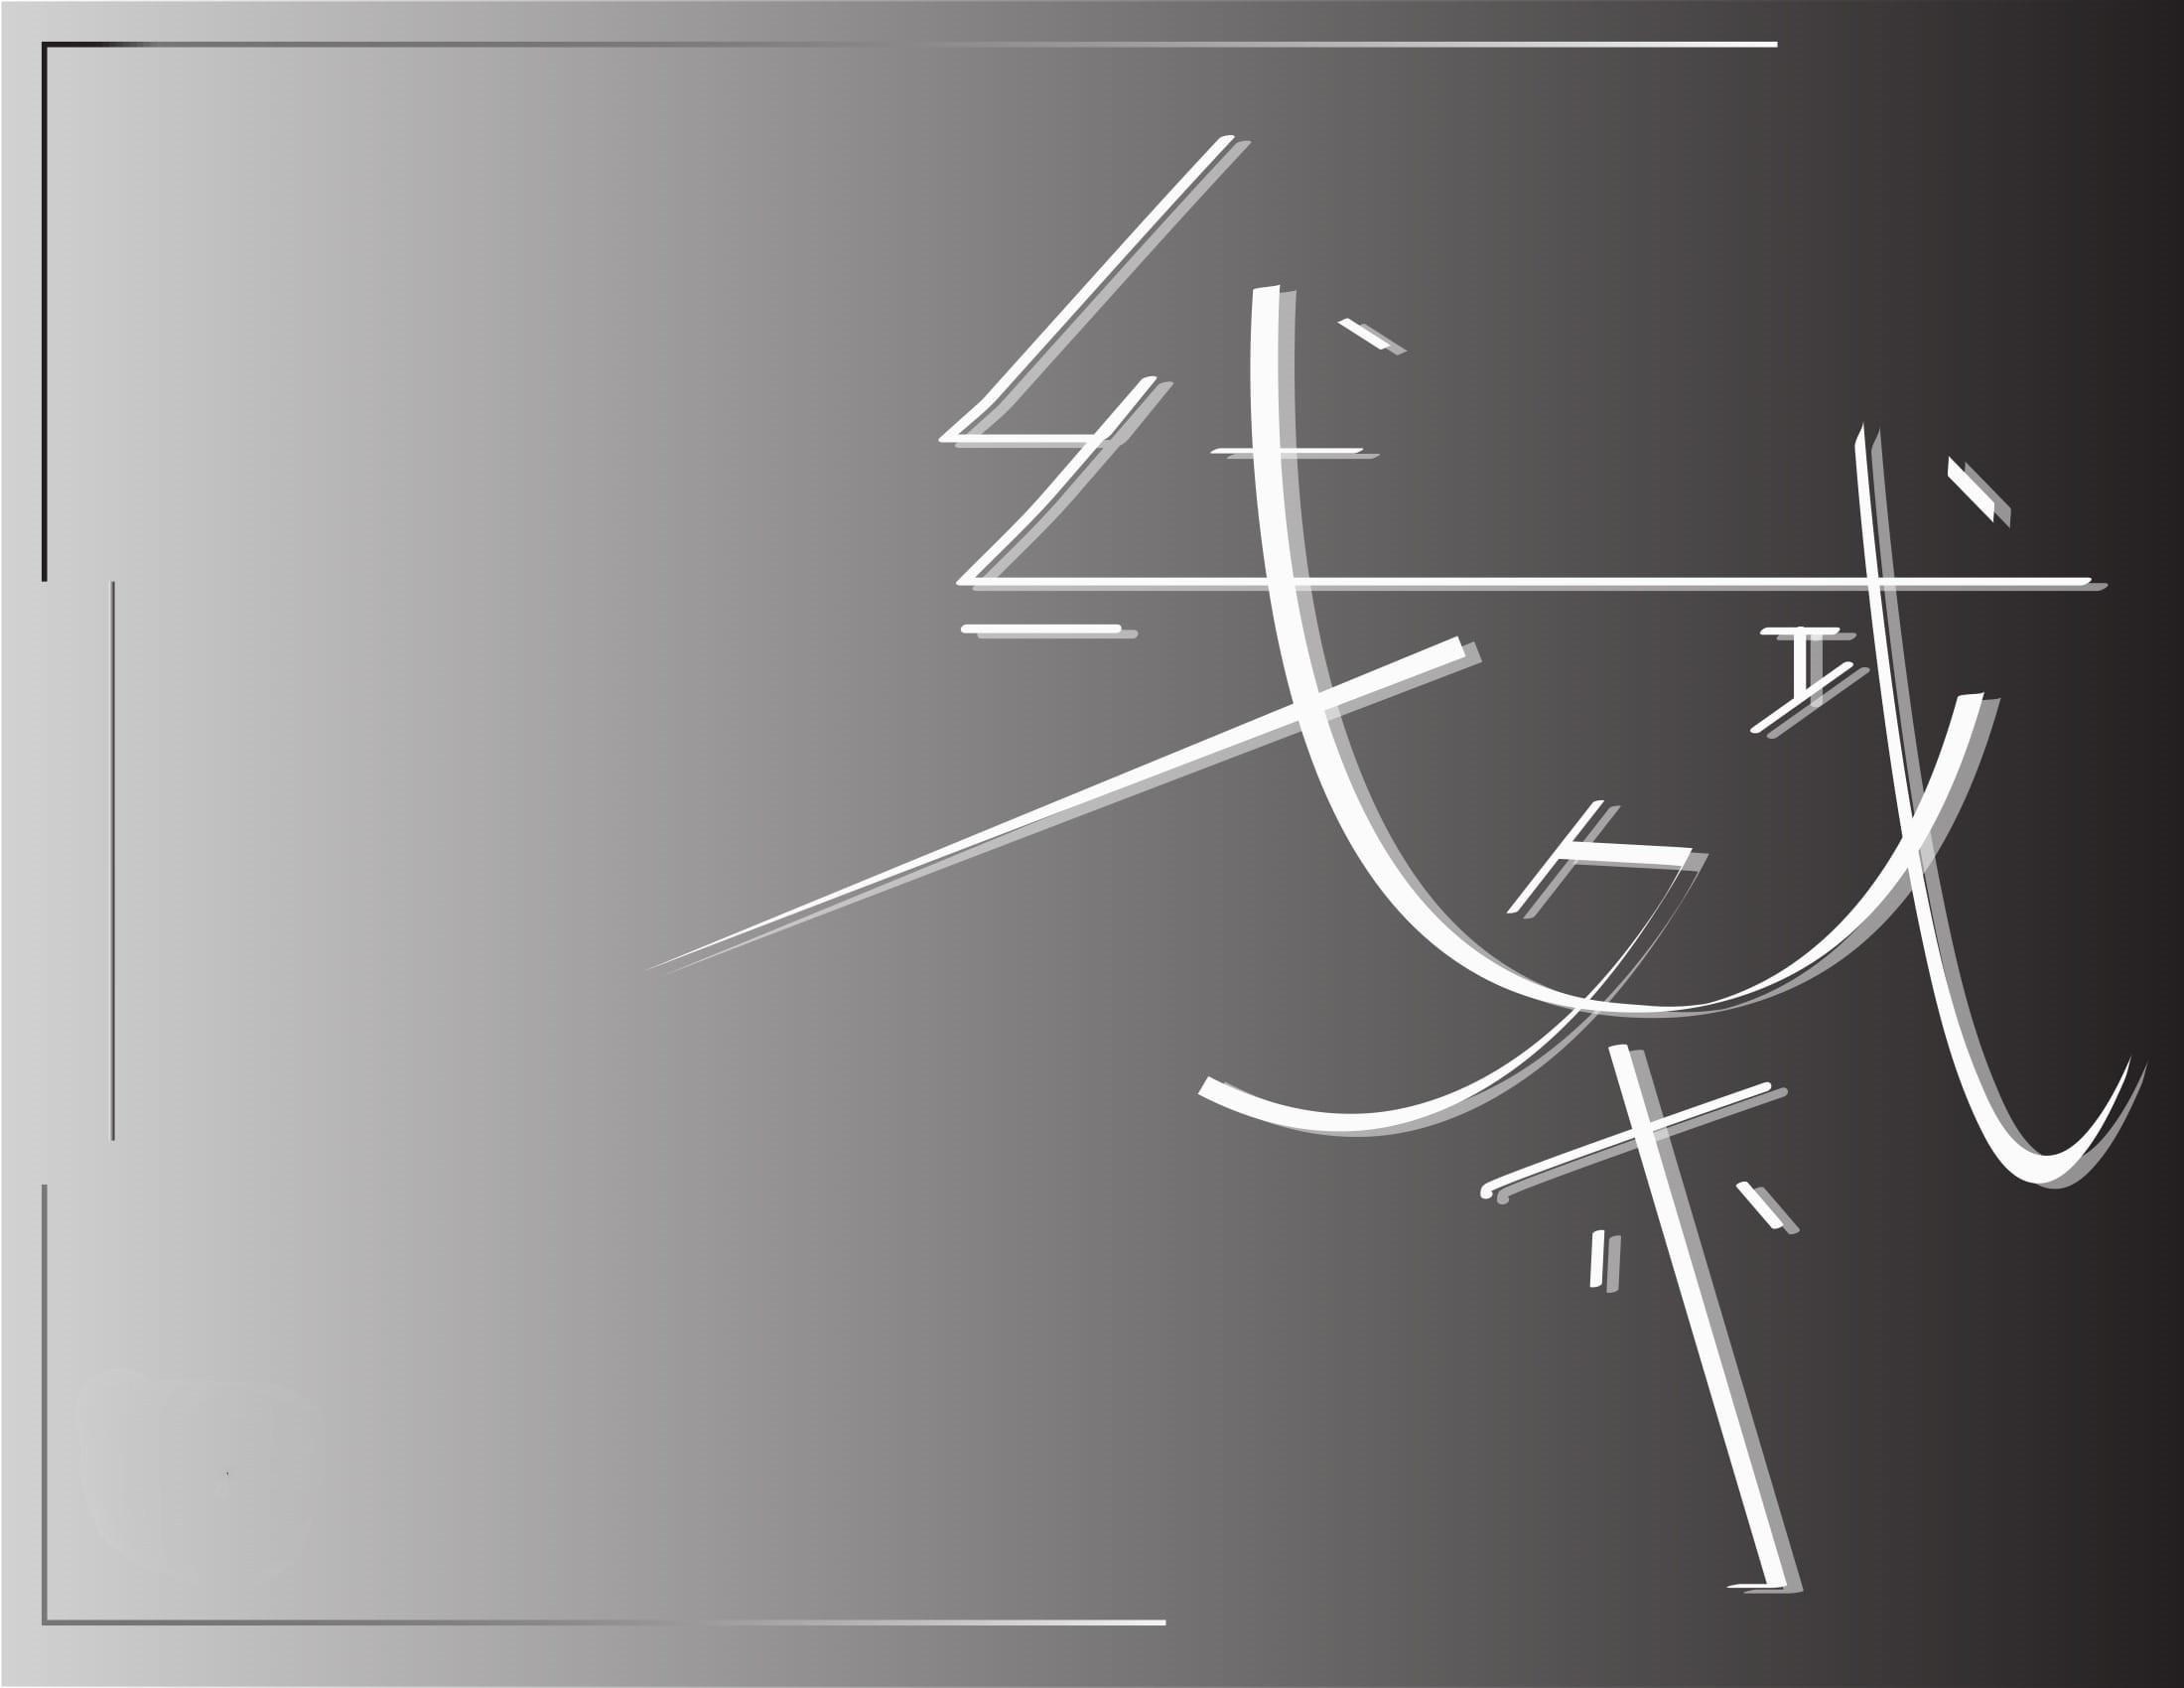 线条式设计